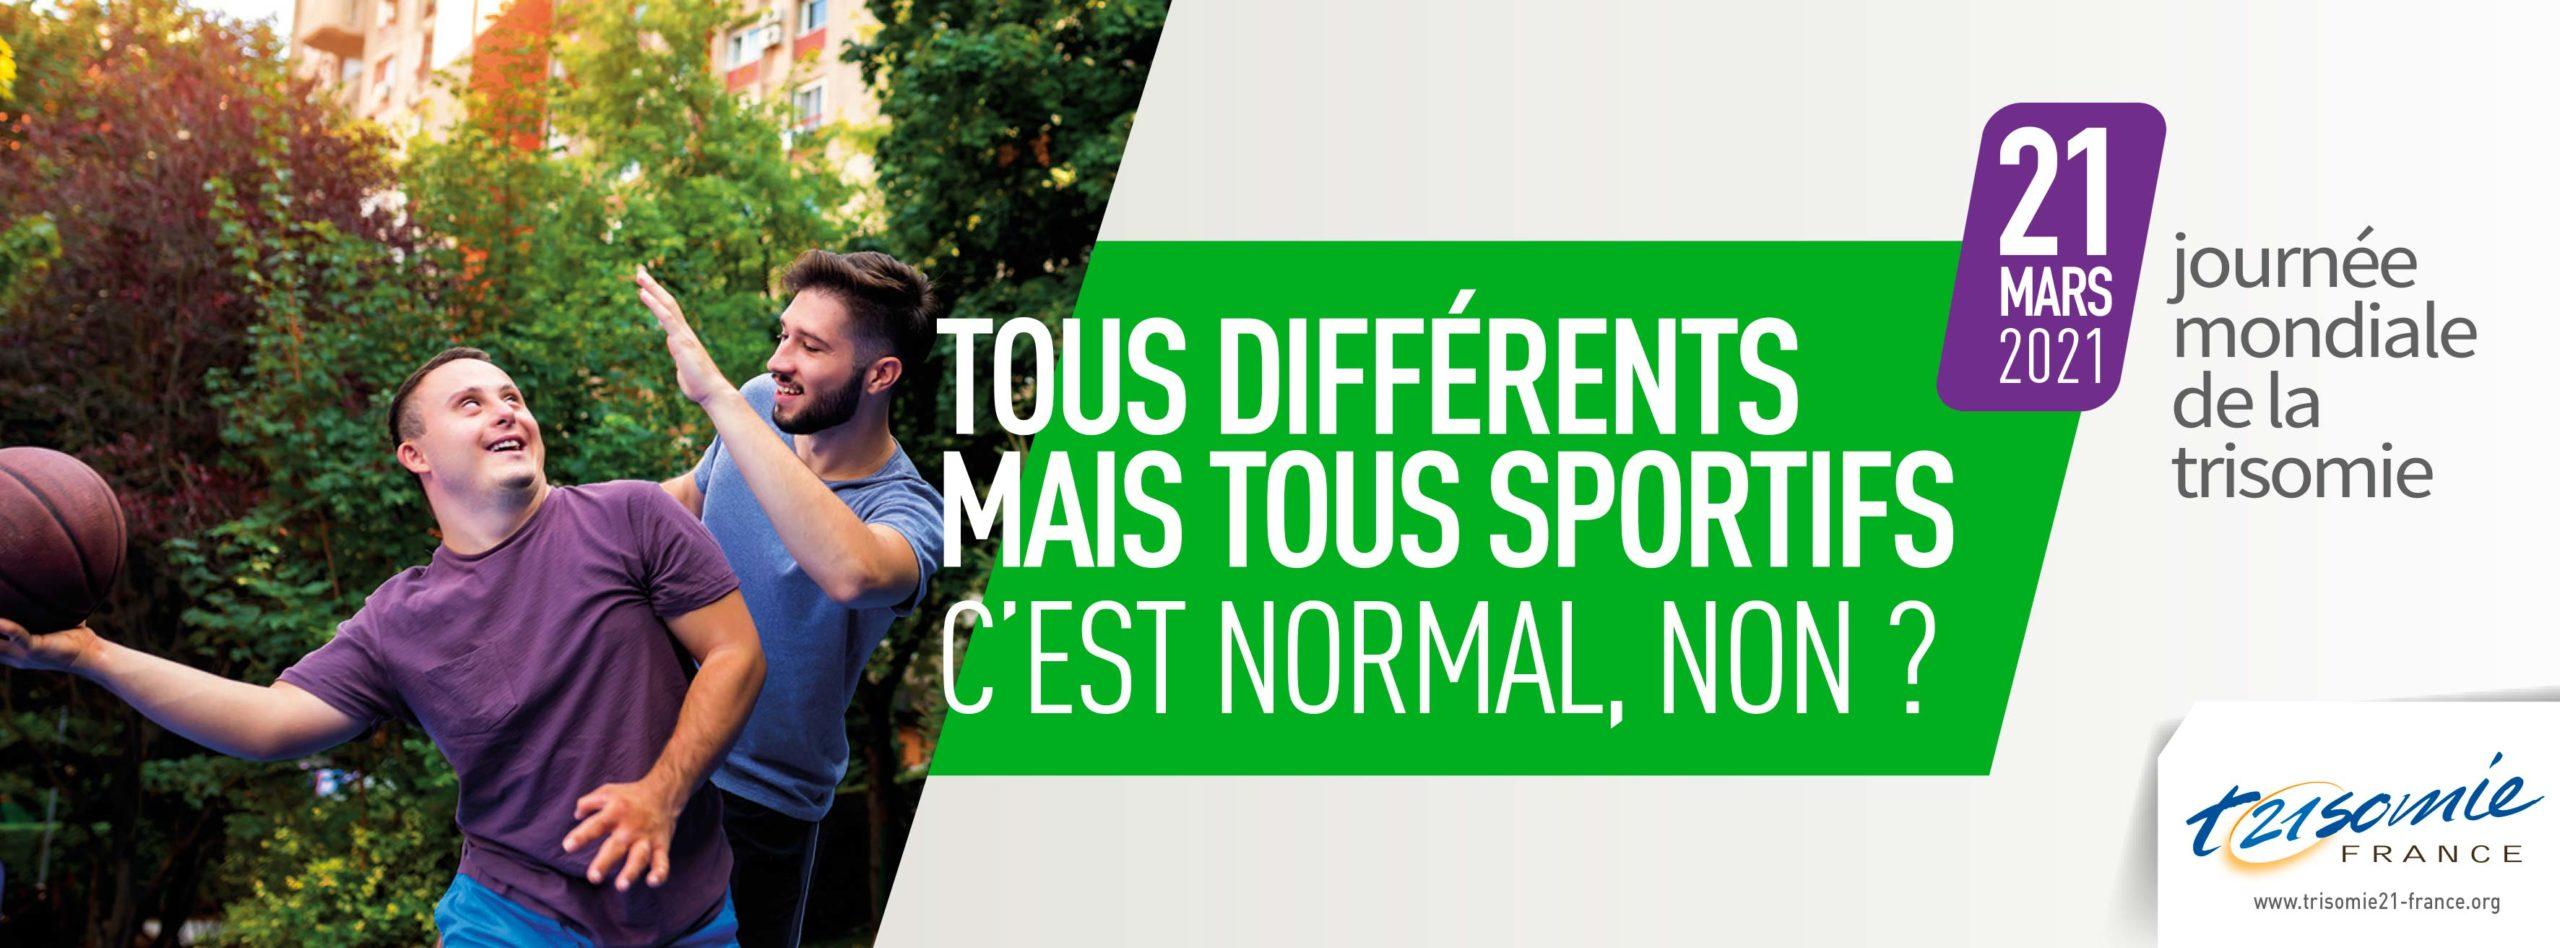 Tous différents, mais tous sportifs ! C'est normal, non ? Journée mondiale de la trisomie 21 en 2021